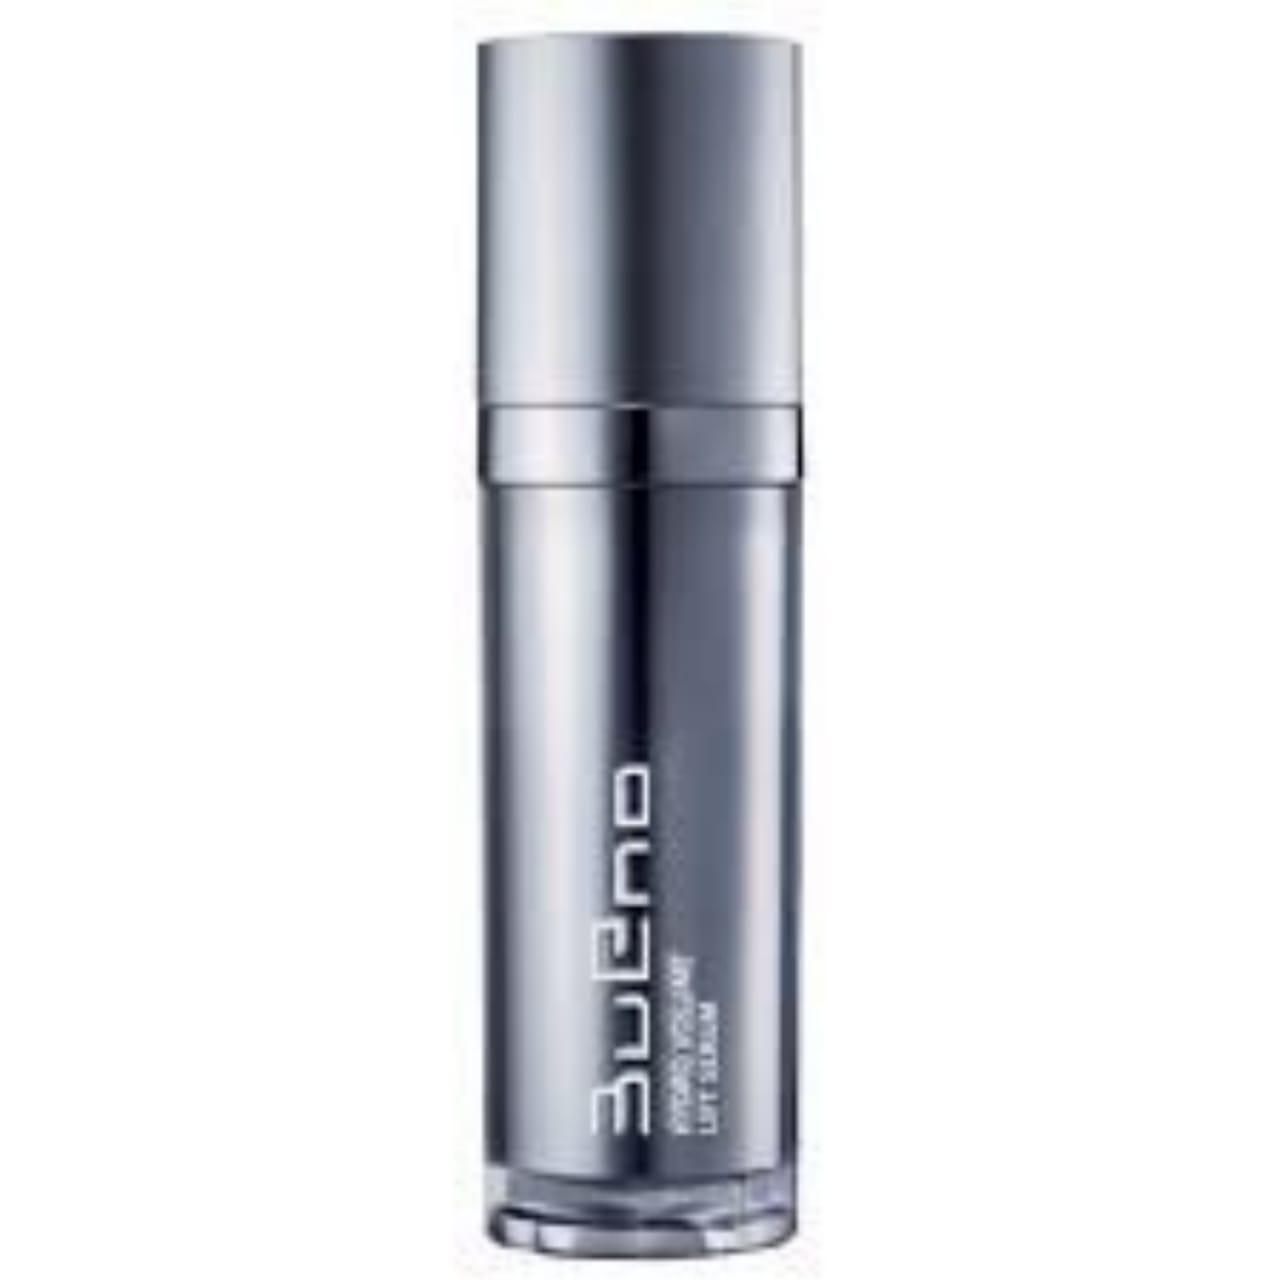 Купить Лифтинг-сыворотка для лица с черным трюфелем Bueno Hydro Volume Lift Serum, 40 мл., Антивозрастная лифтинг-сыворотка для лица с черным трюфелем Bueno Hydro Volume Lift Serum